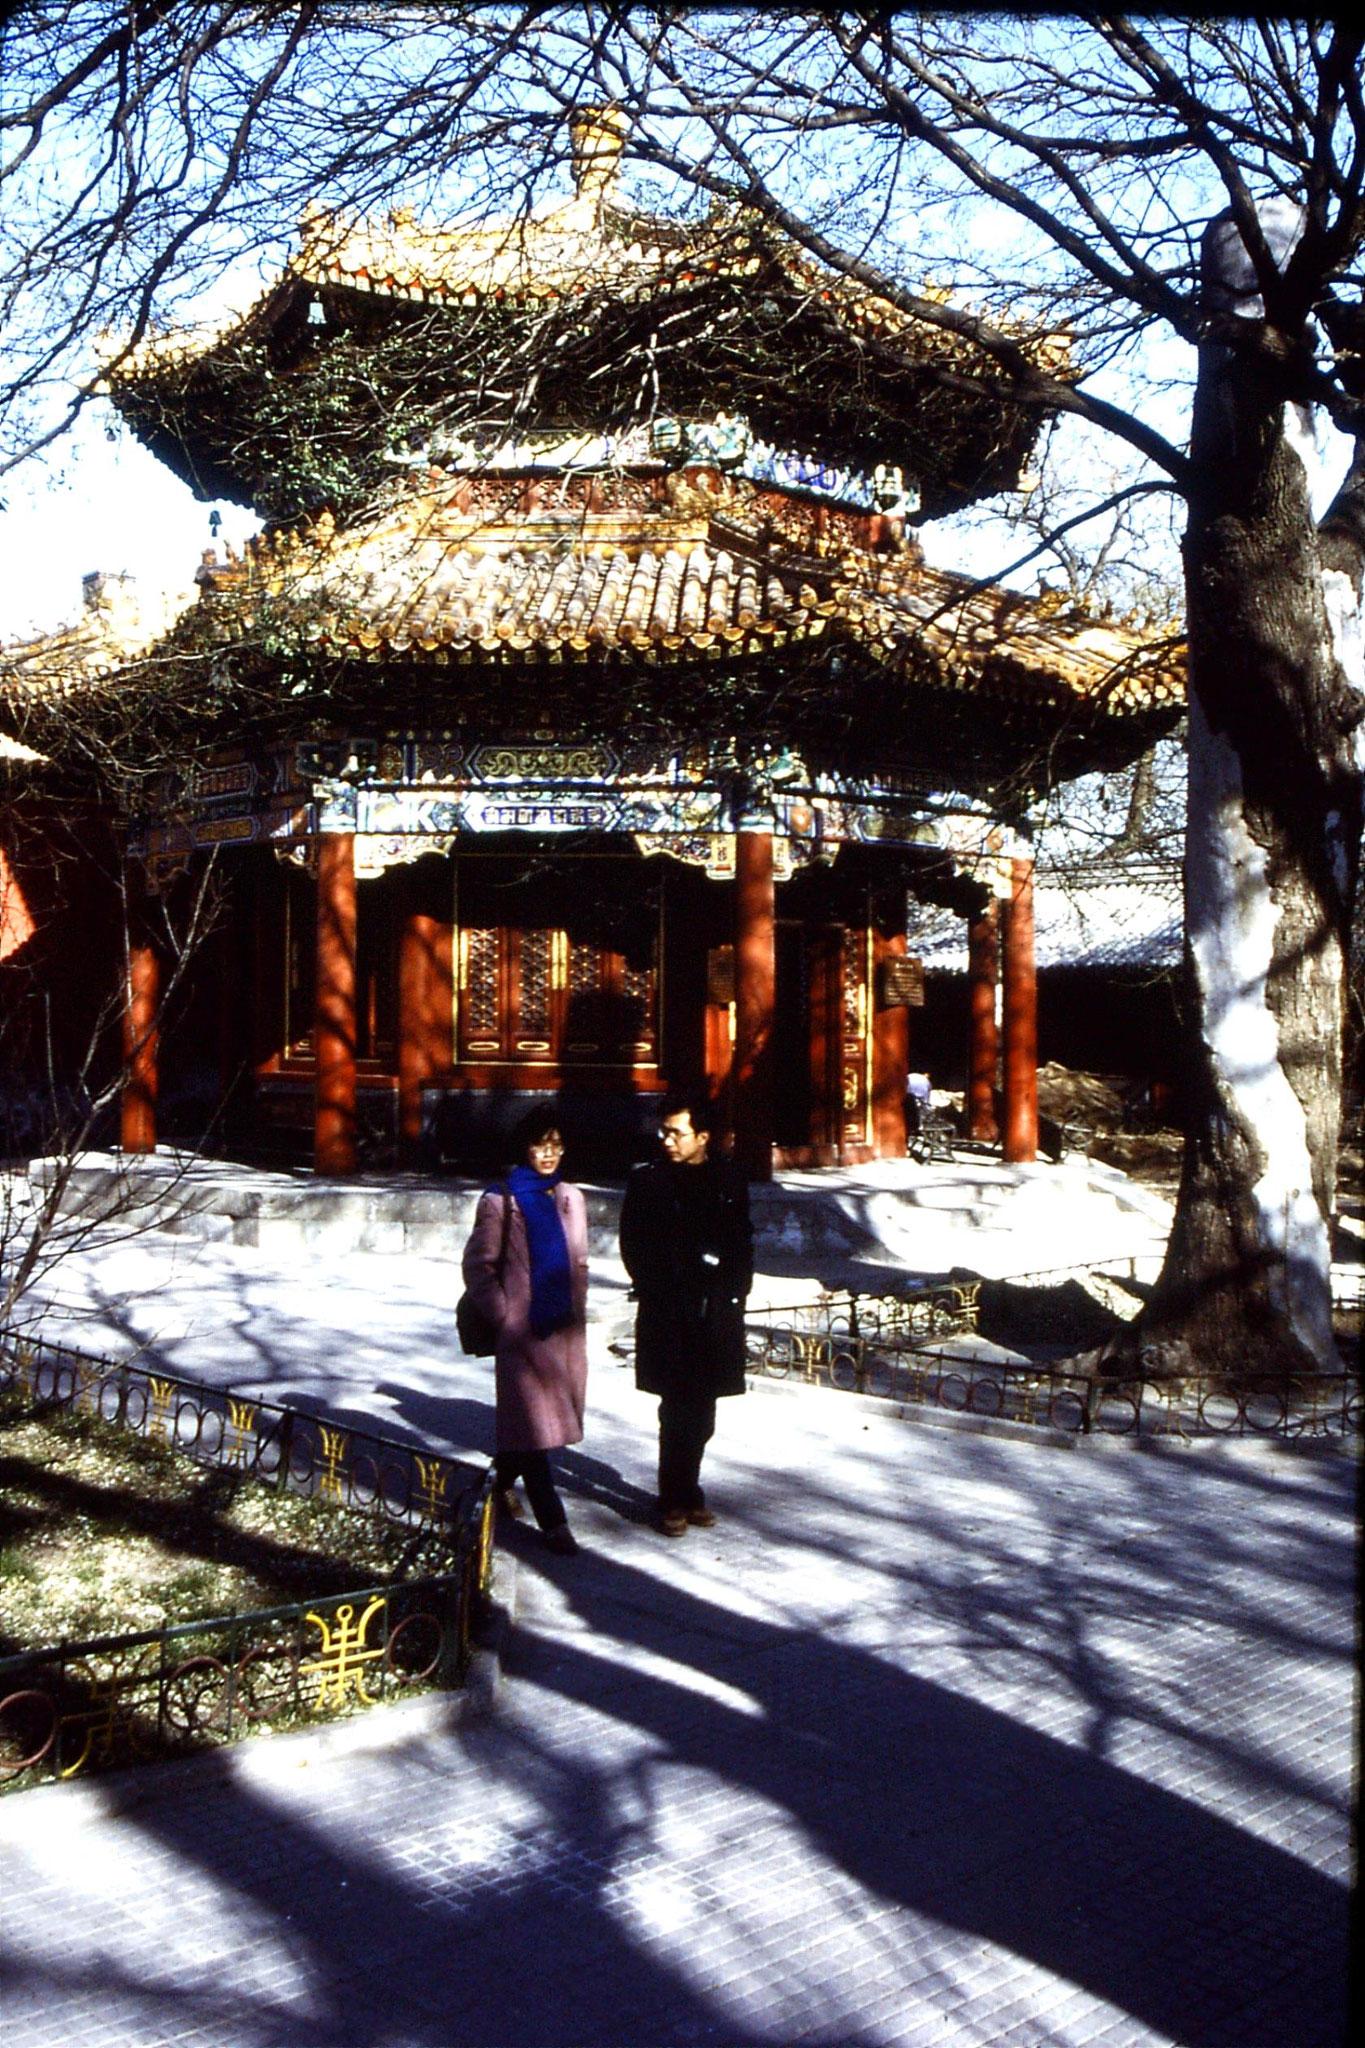 4/12/1988: 2: Beijing Yong He temple